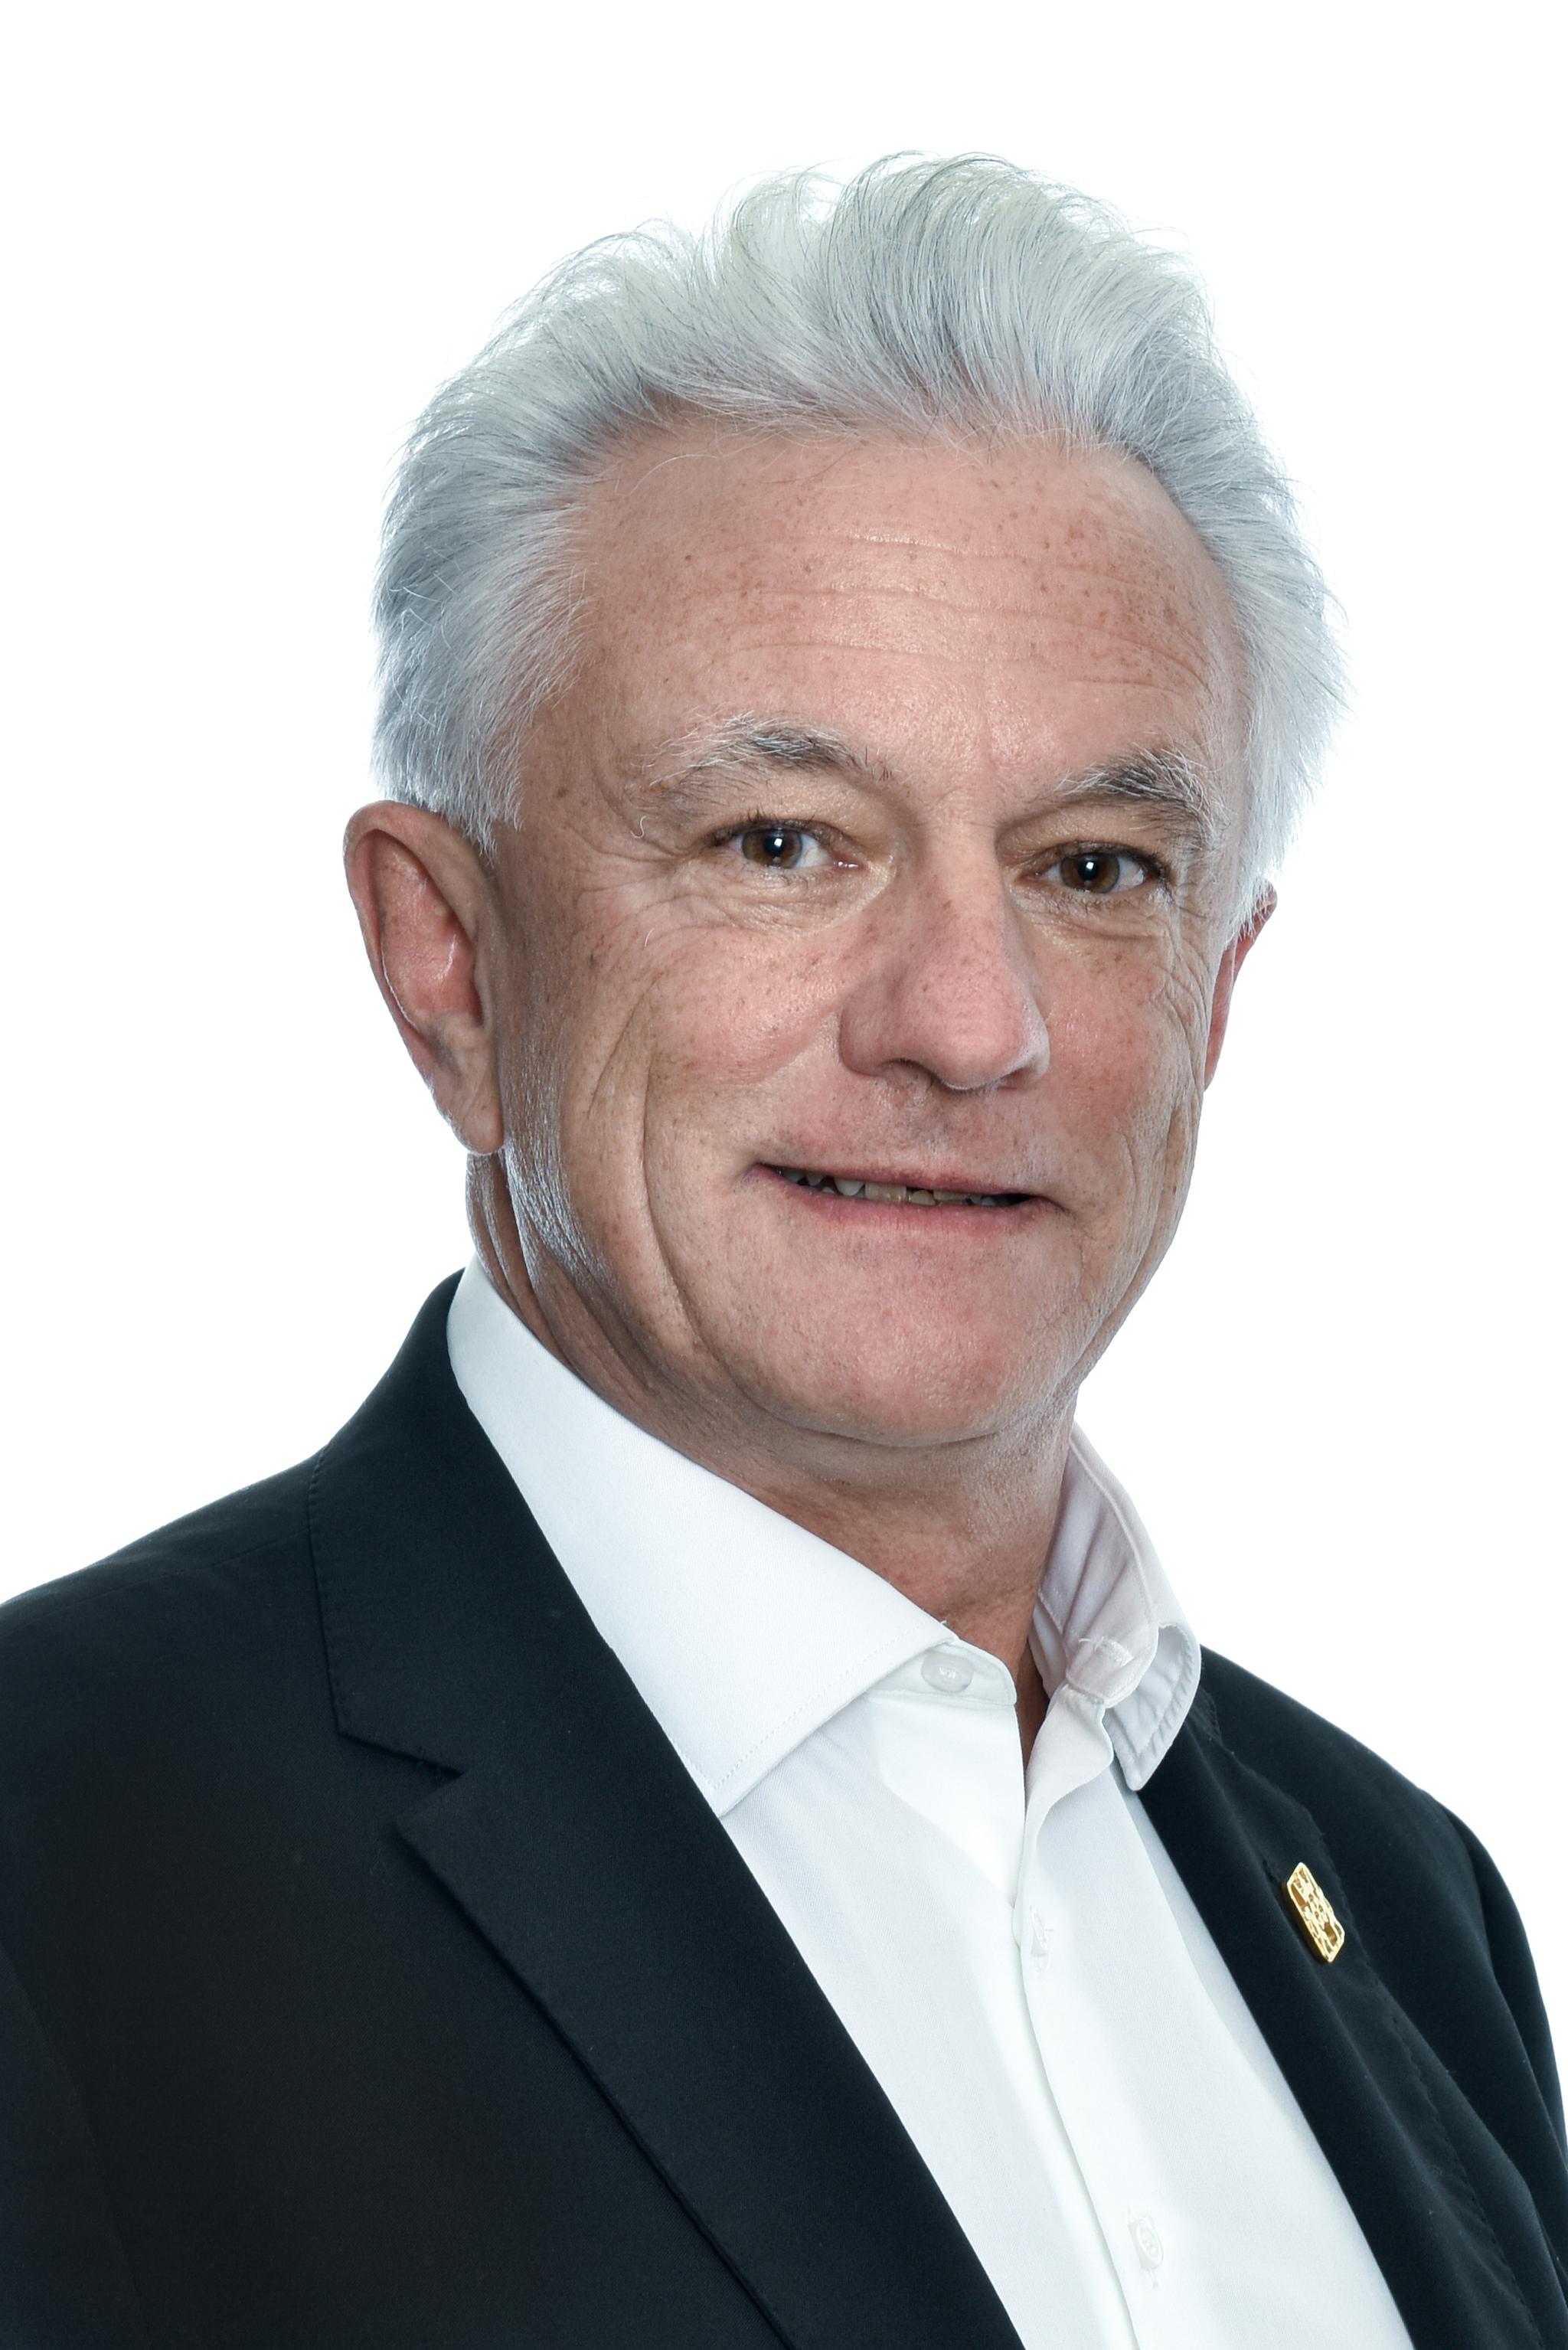 Jean-Marc Koller